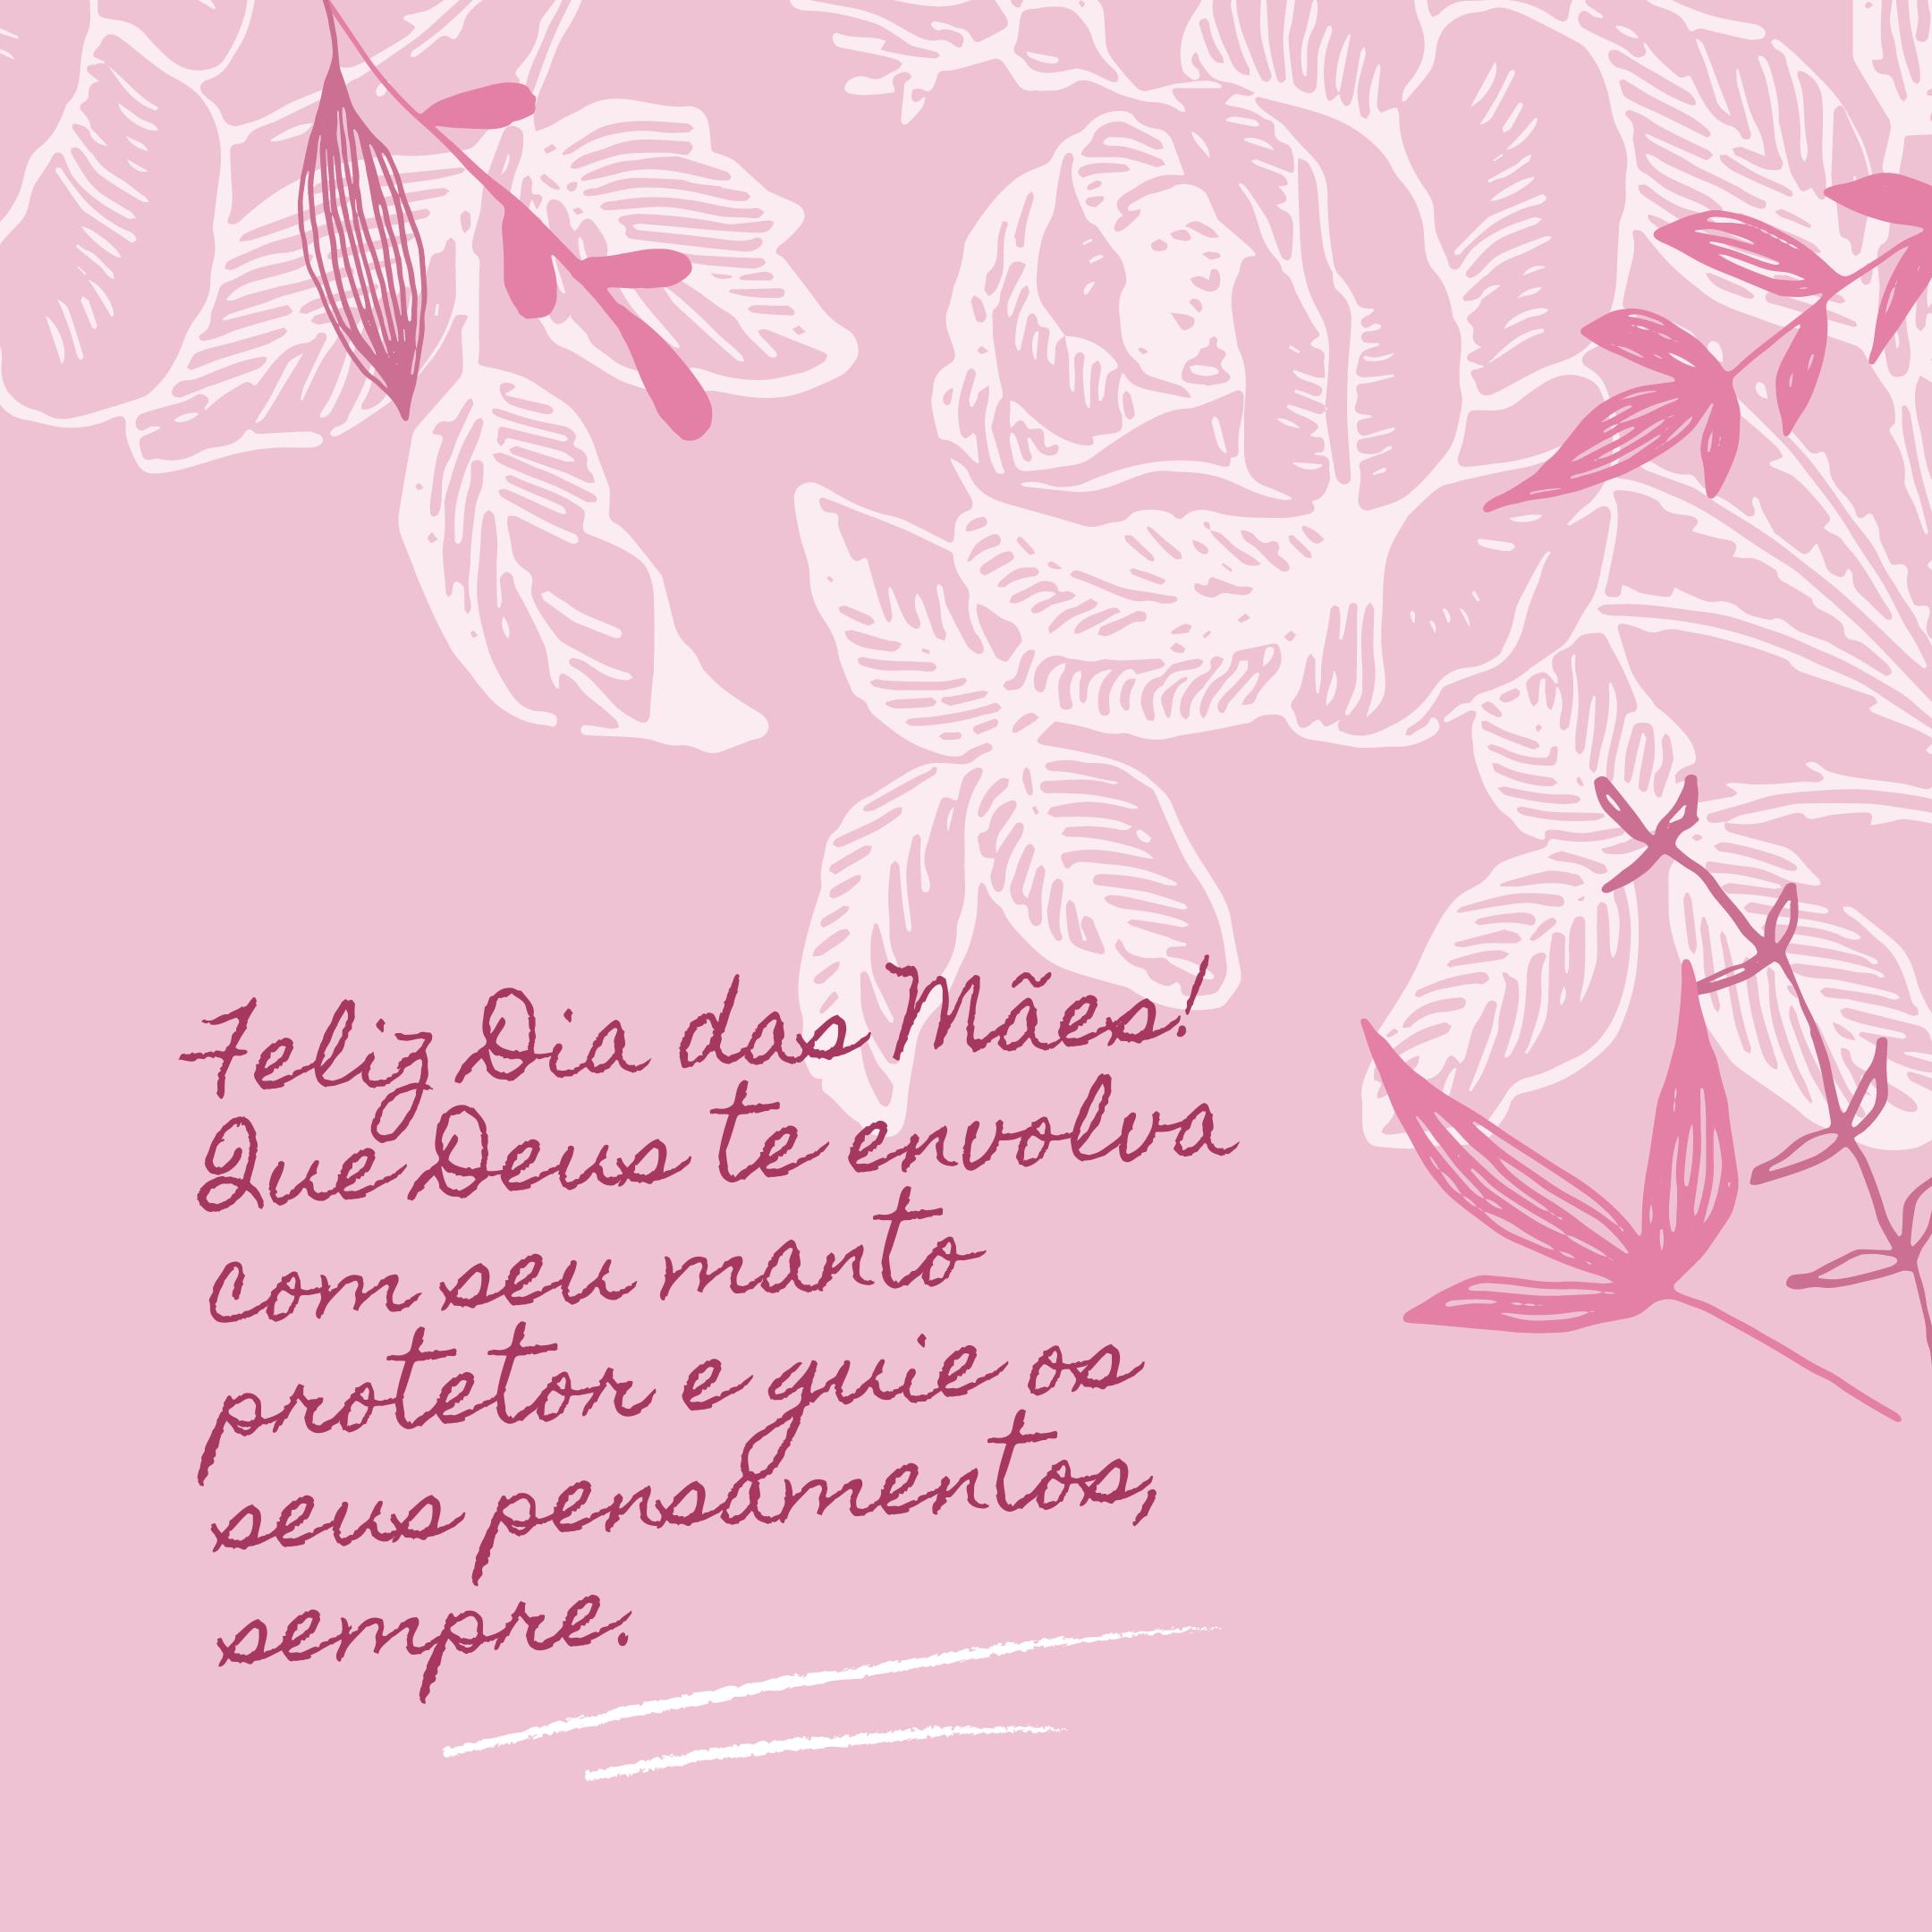 Feliz Dia das Mães! Que Deus te envolva com seu manto protetor e guie os seus pensamentos, sempre.